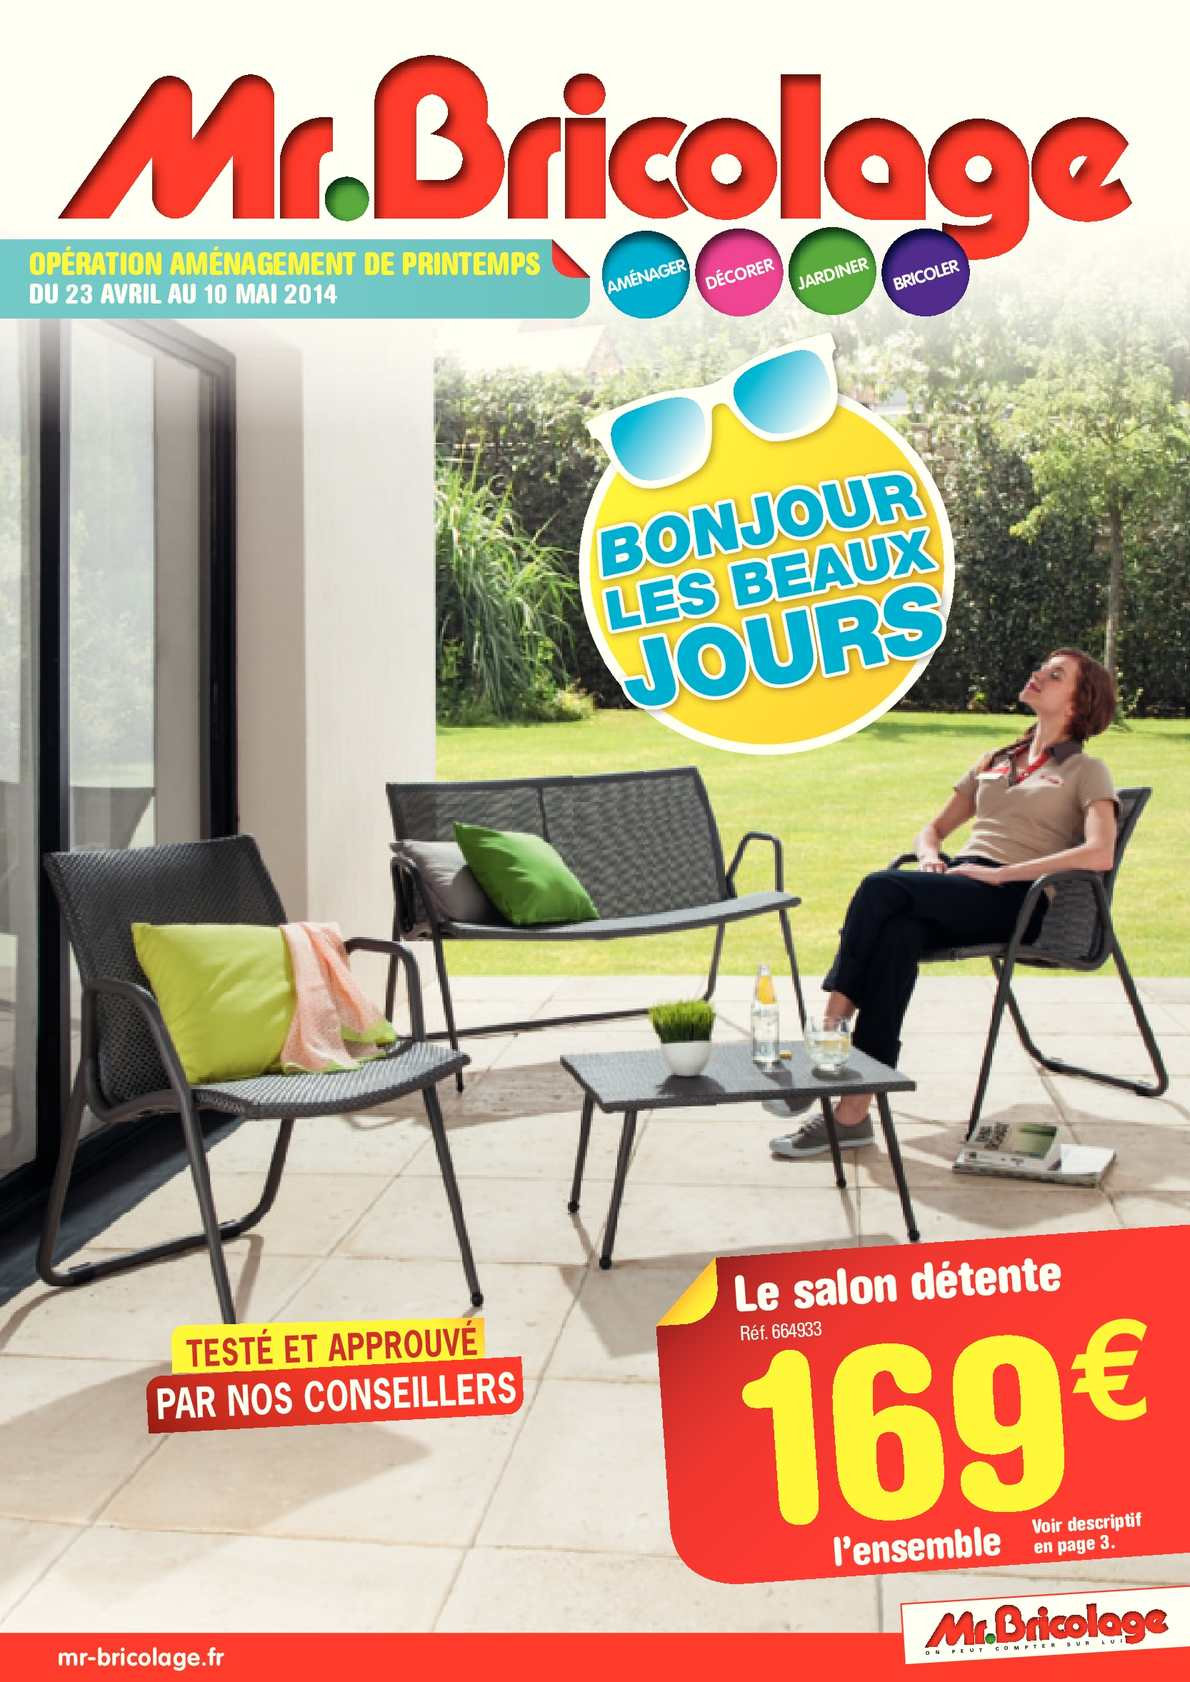 Calaméo - Mr.bricolage - Catalogue Aménagement Extérieur ... tout Salon De Jardin Mr Bricolage